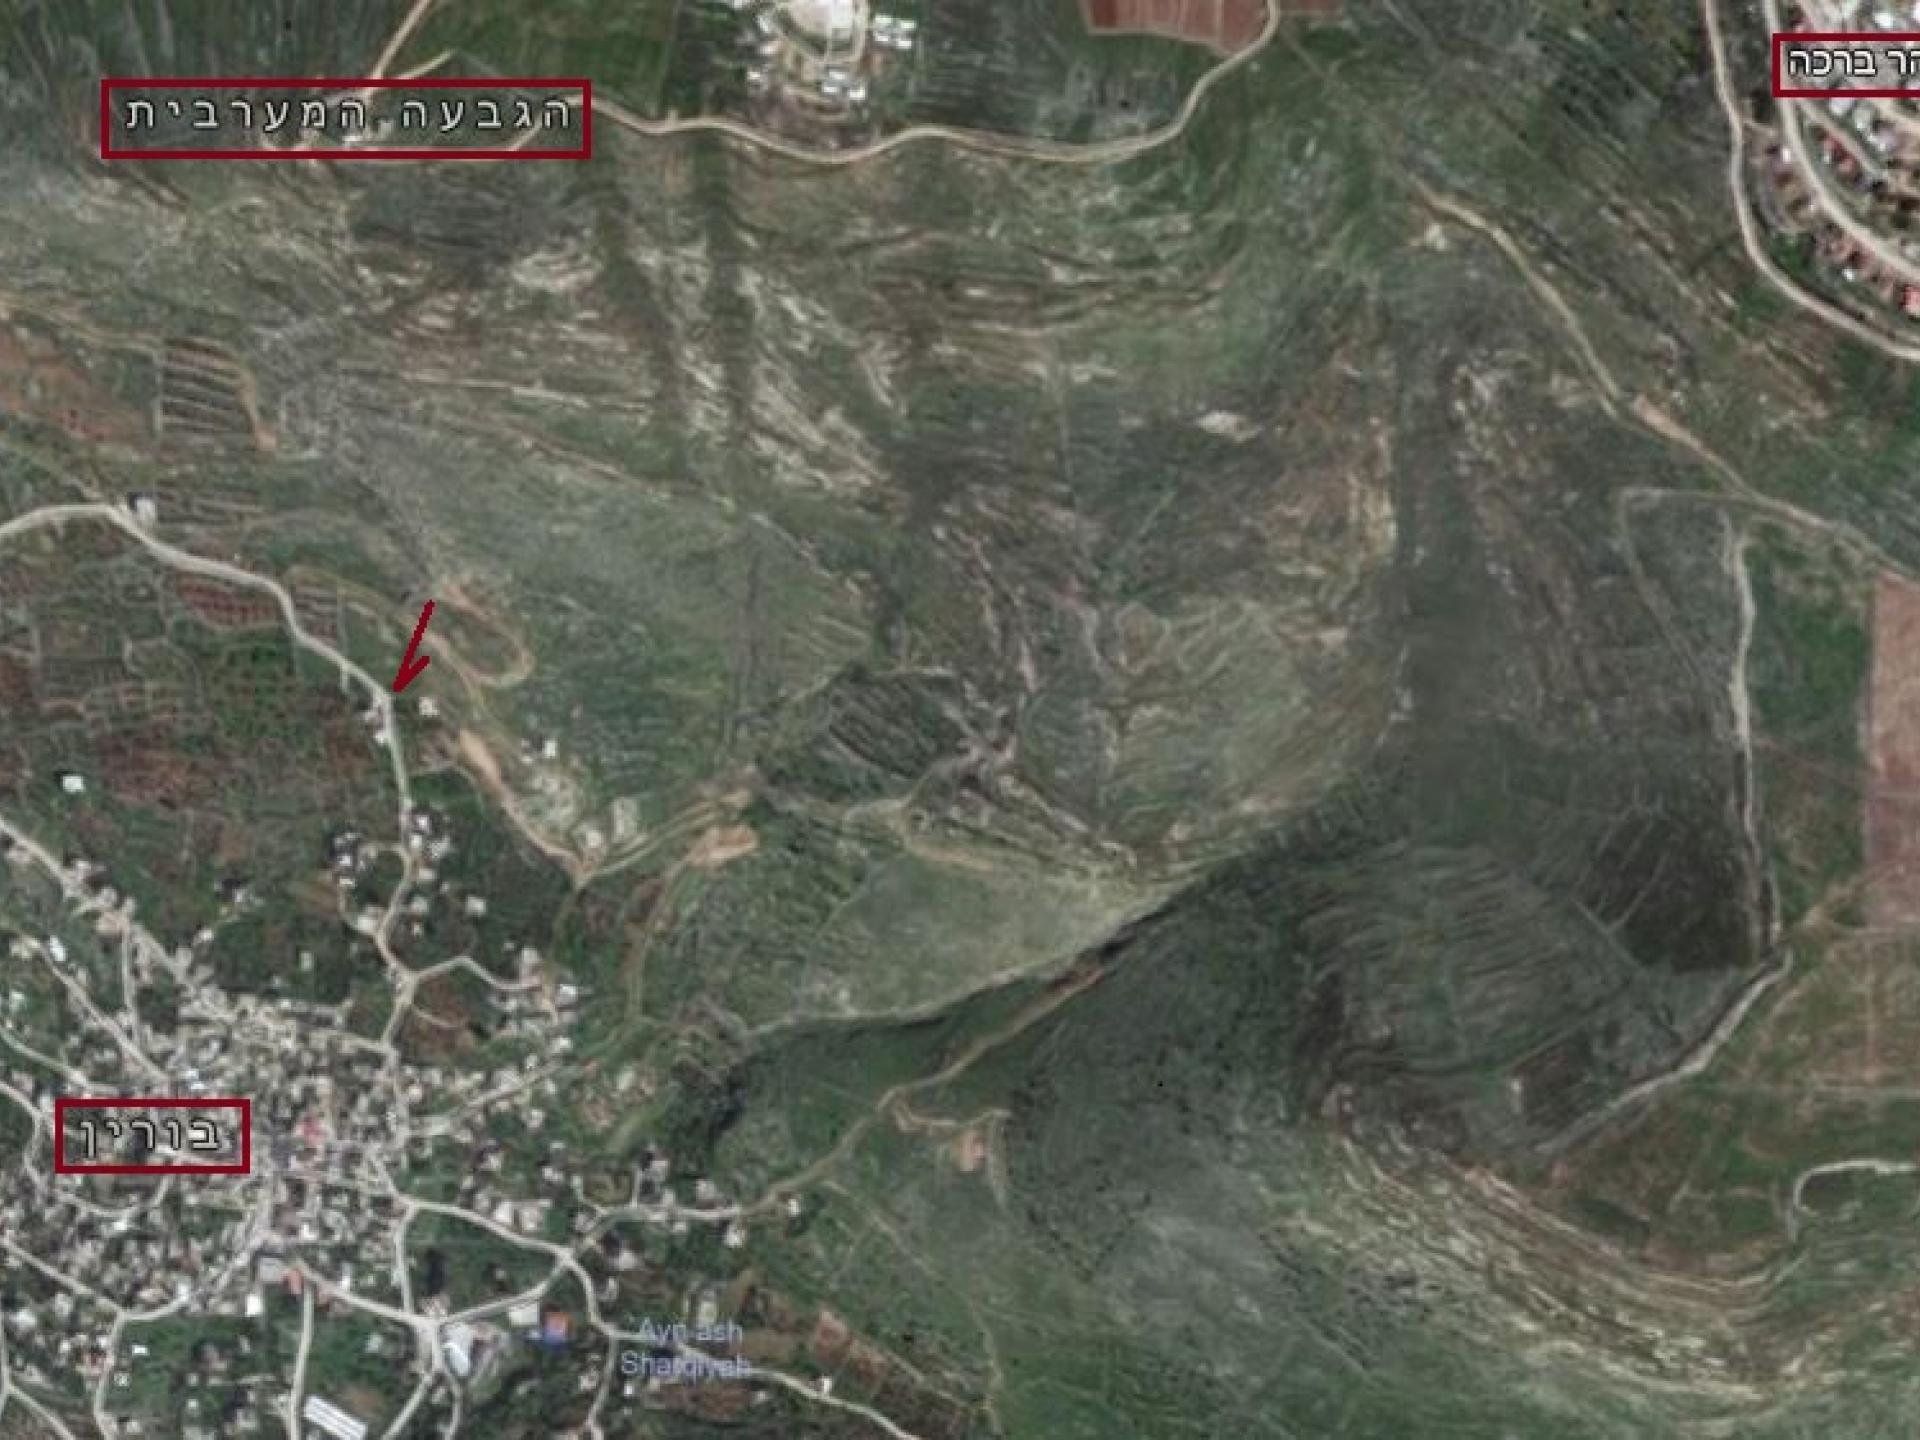 בורין: הבית הבודד למרגלות התנחלות סנה יעקב, מטרה להתקפות מתנחלים